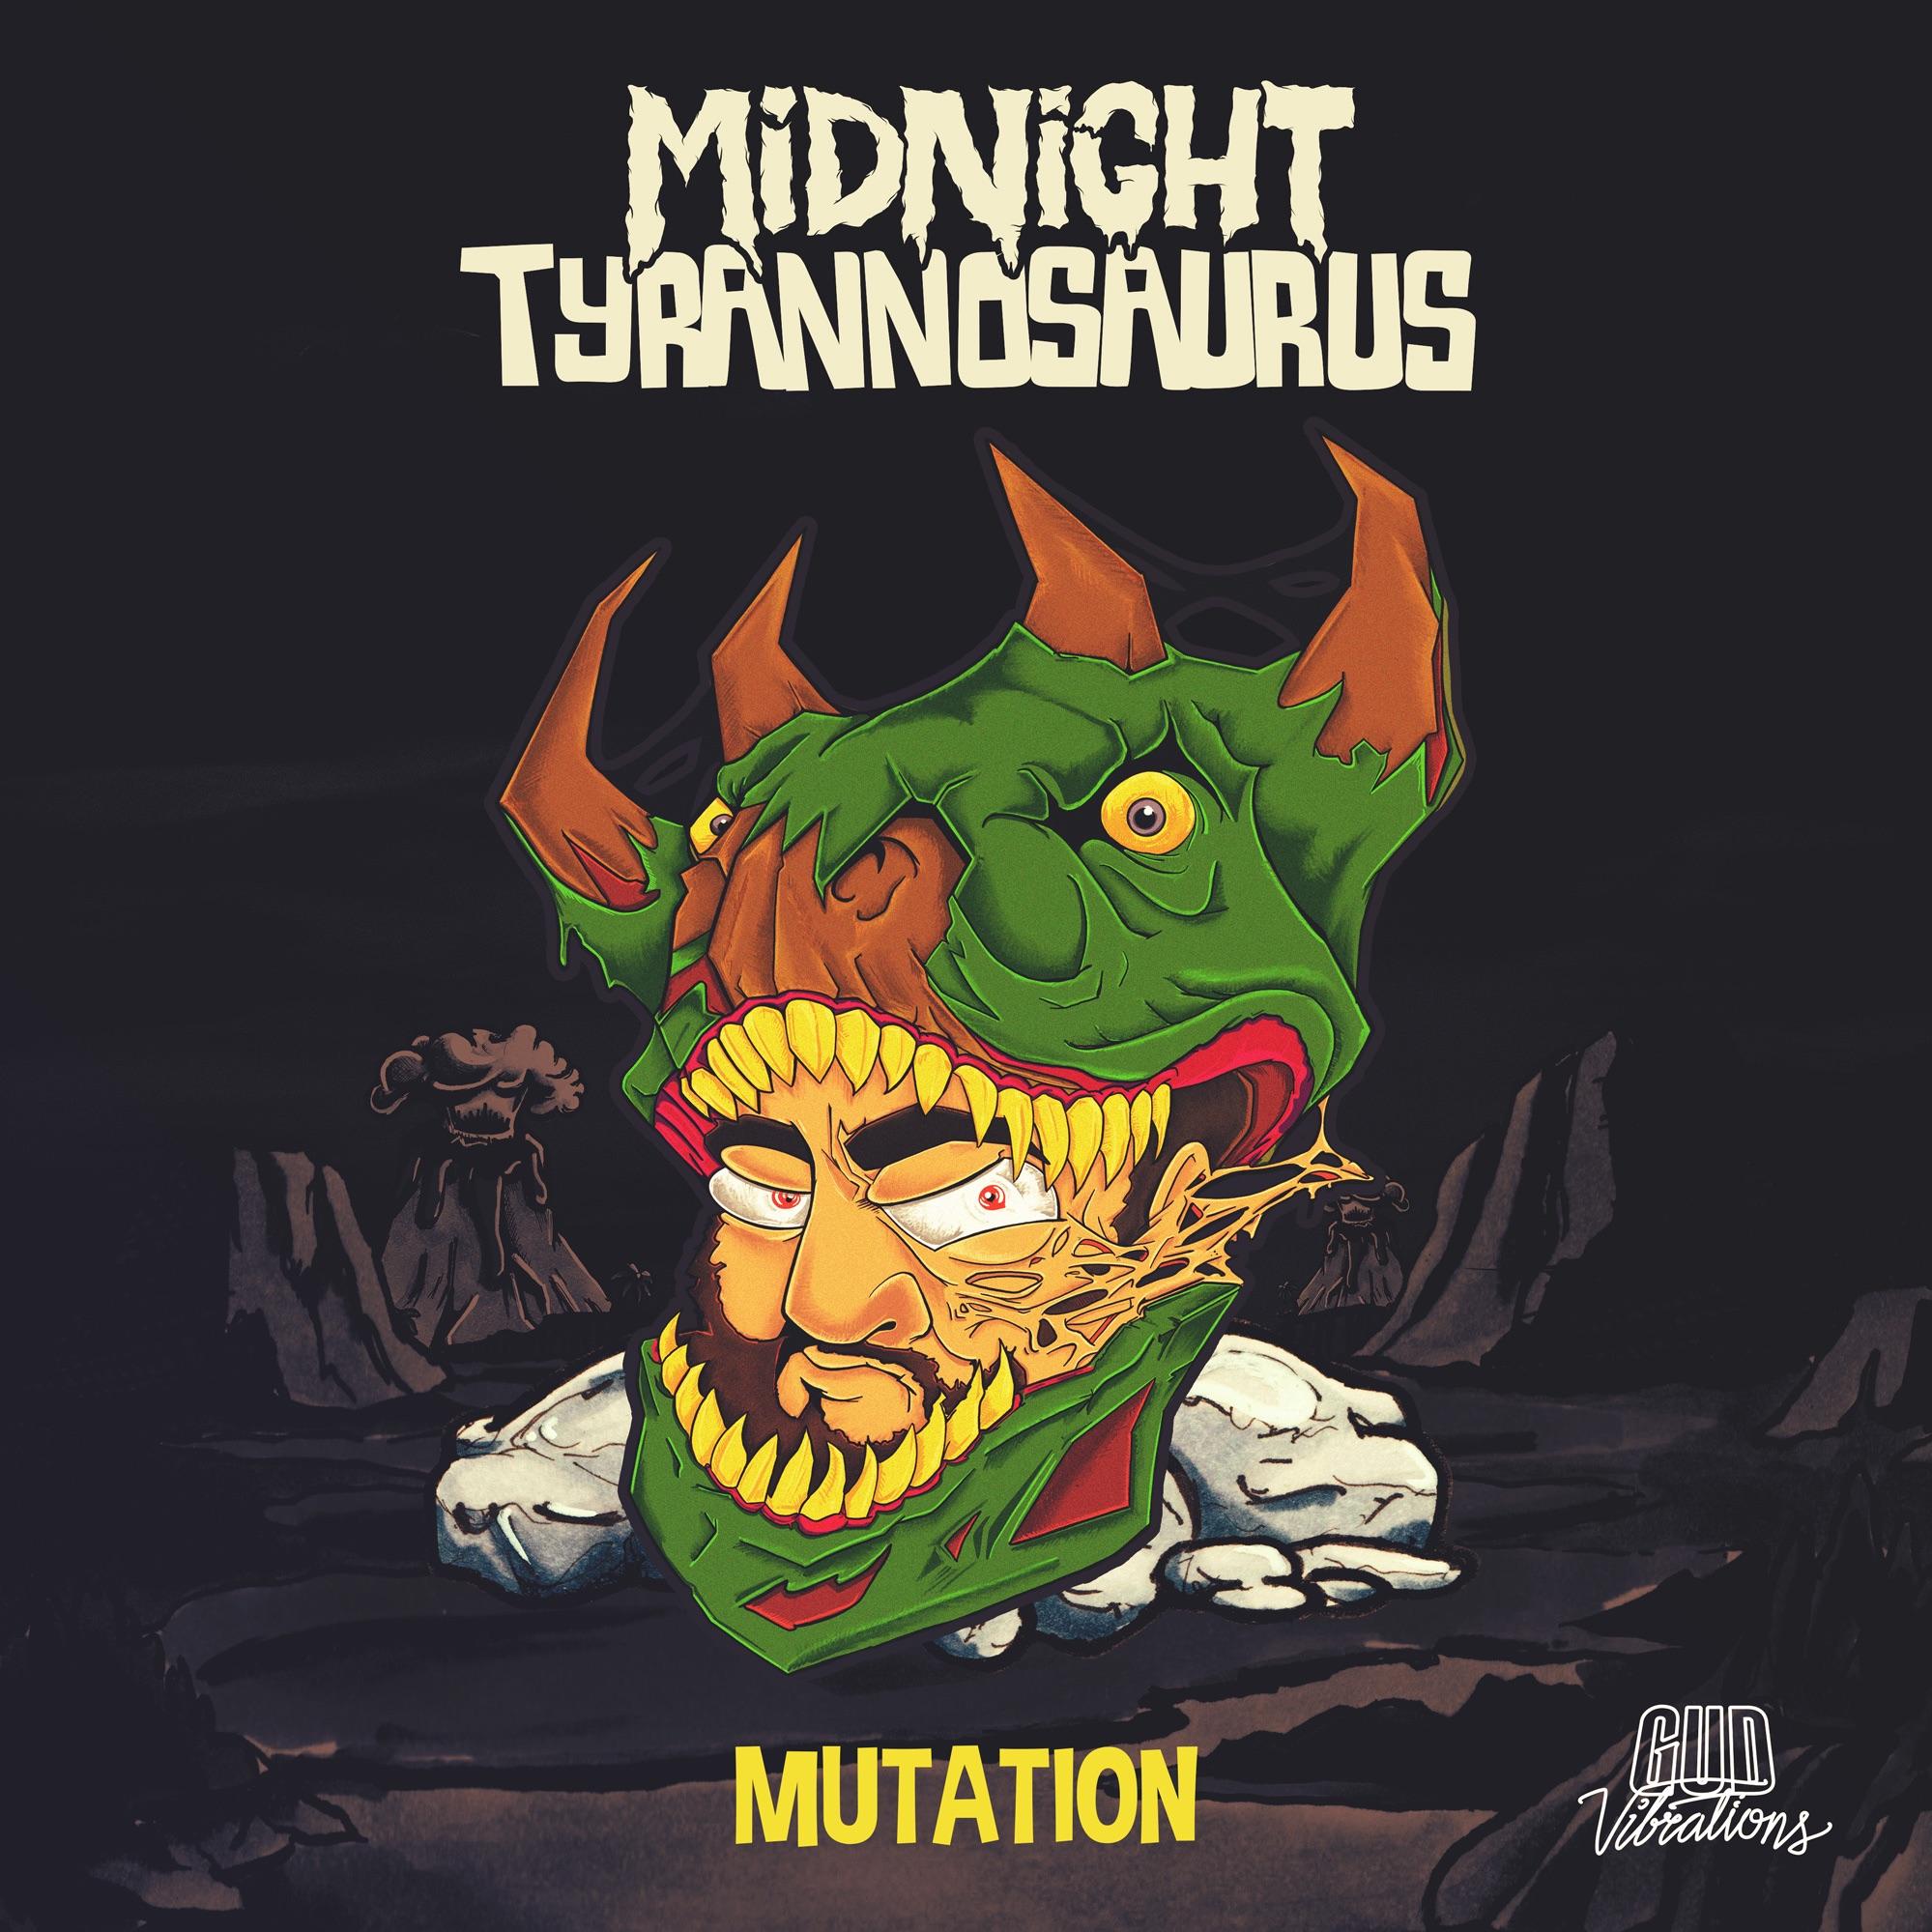 Midnight Tyrannosaurus Mutation EP